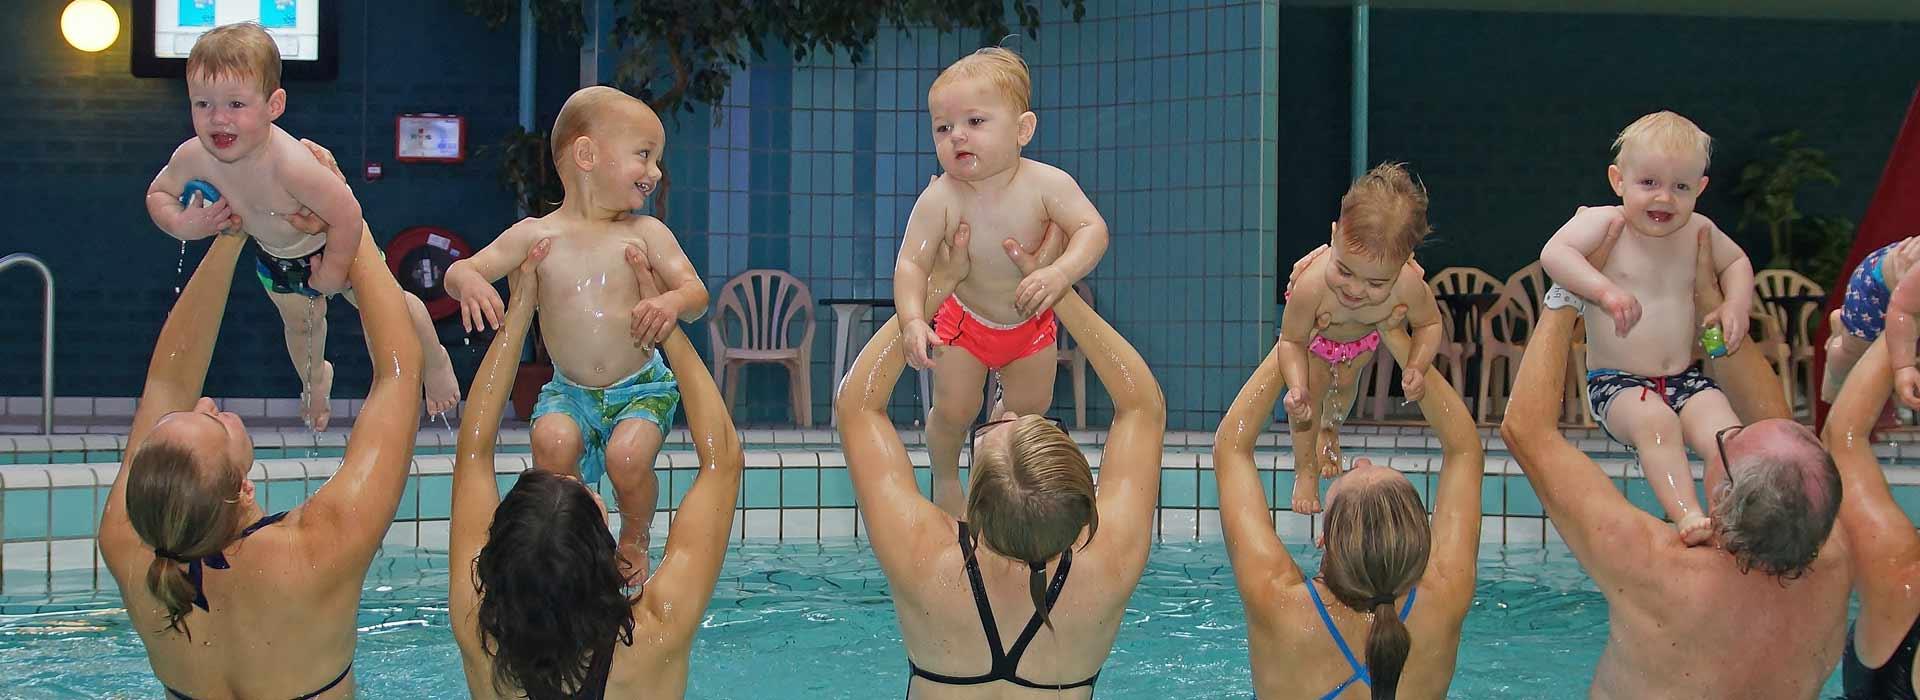 baby-peuter-zwemmen_HD_Bad-Hesselingen-Meppel